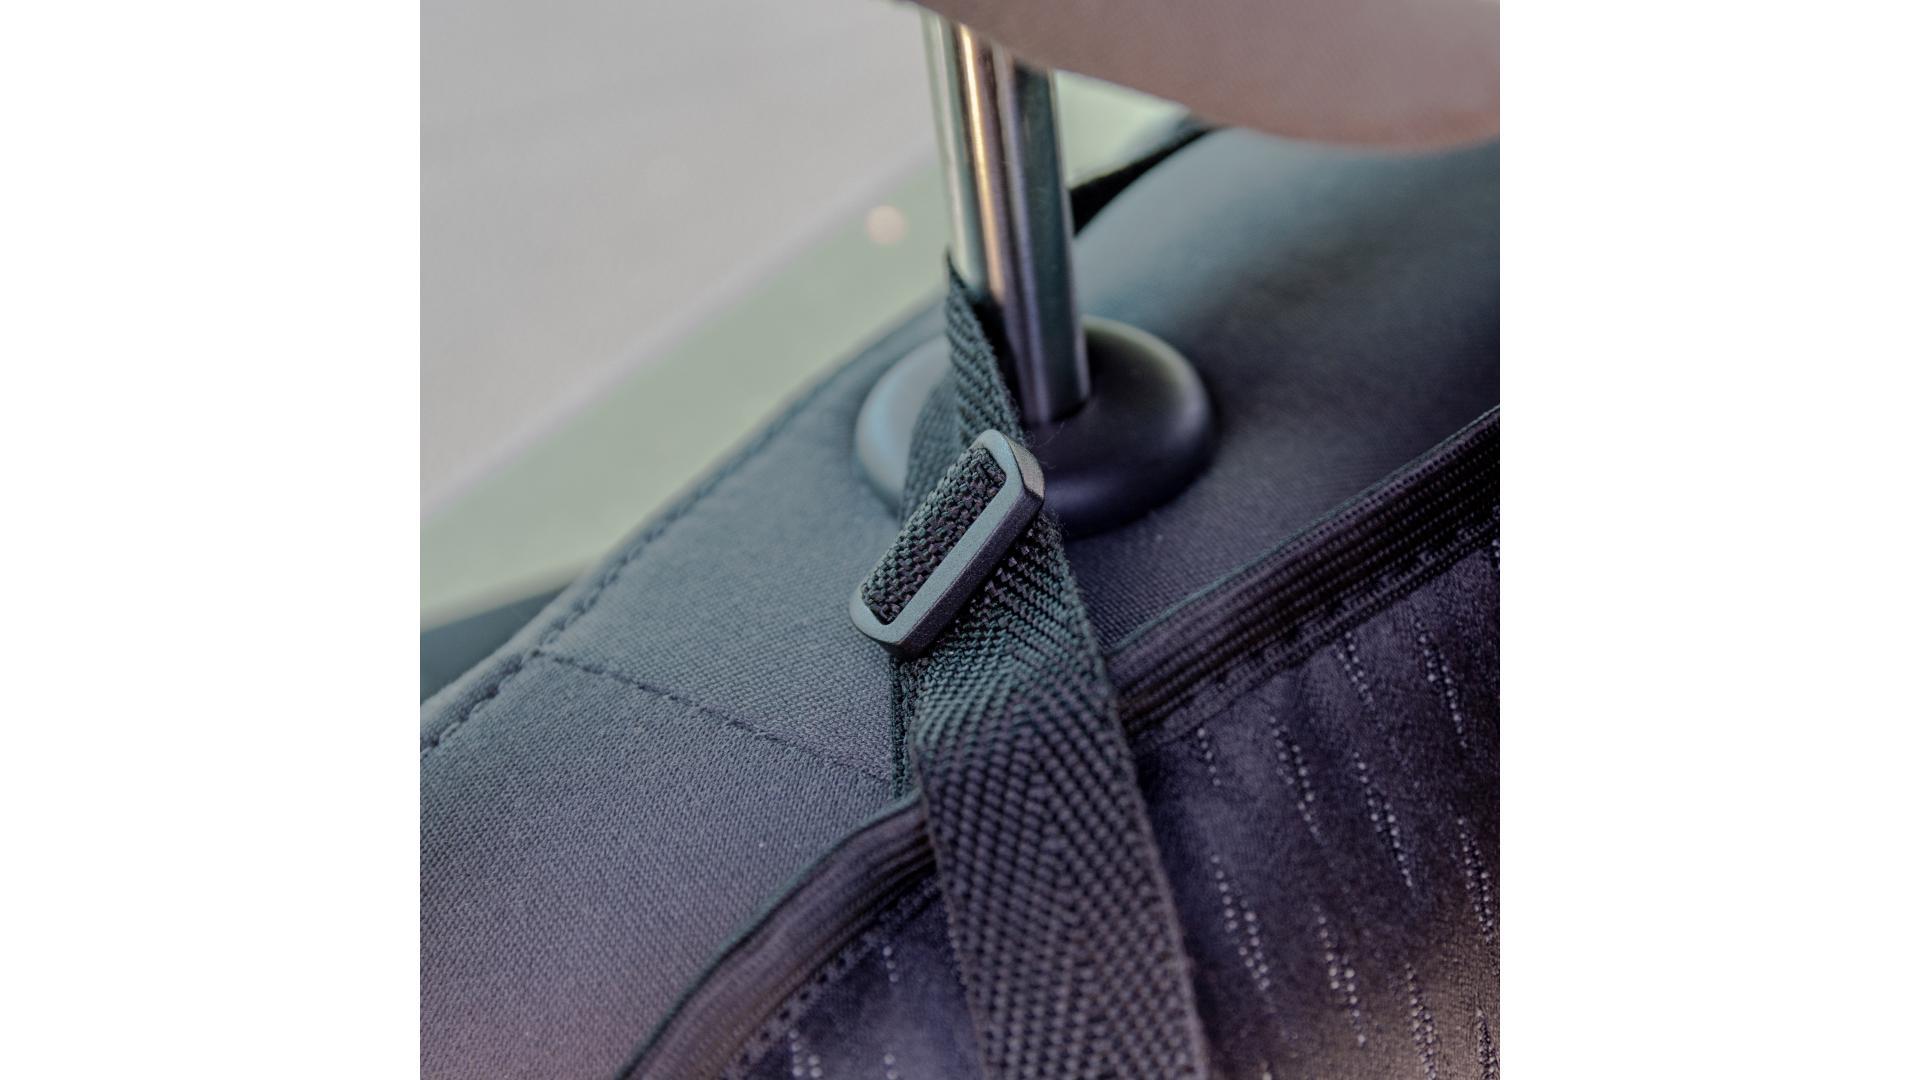 4CARS Ochranný potah sedadla pod detskou sedačku